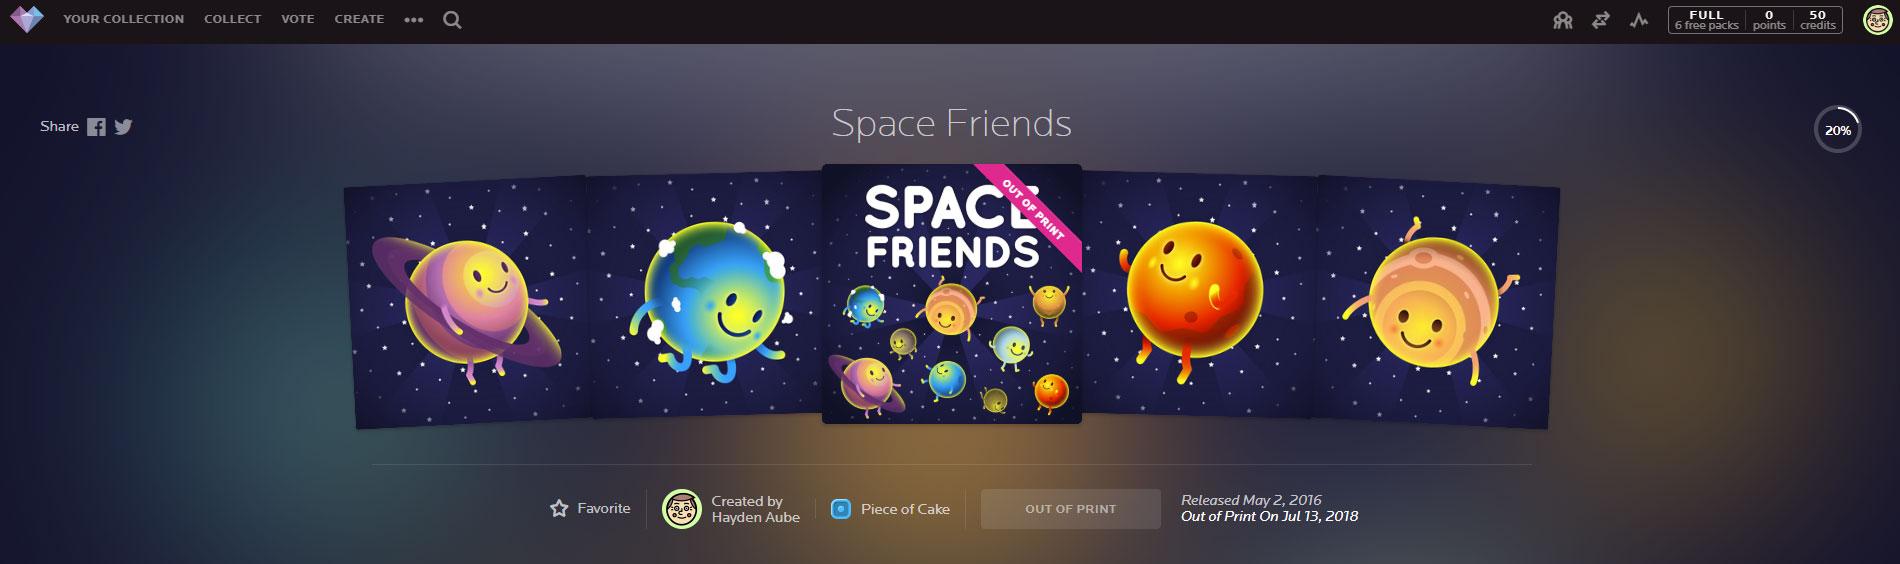 spacefriends3.jpg